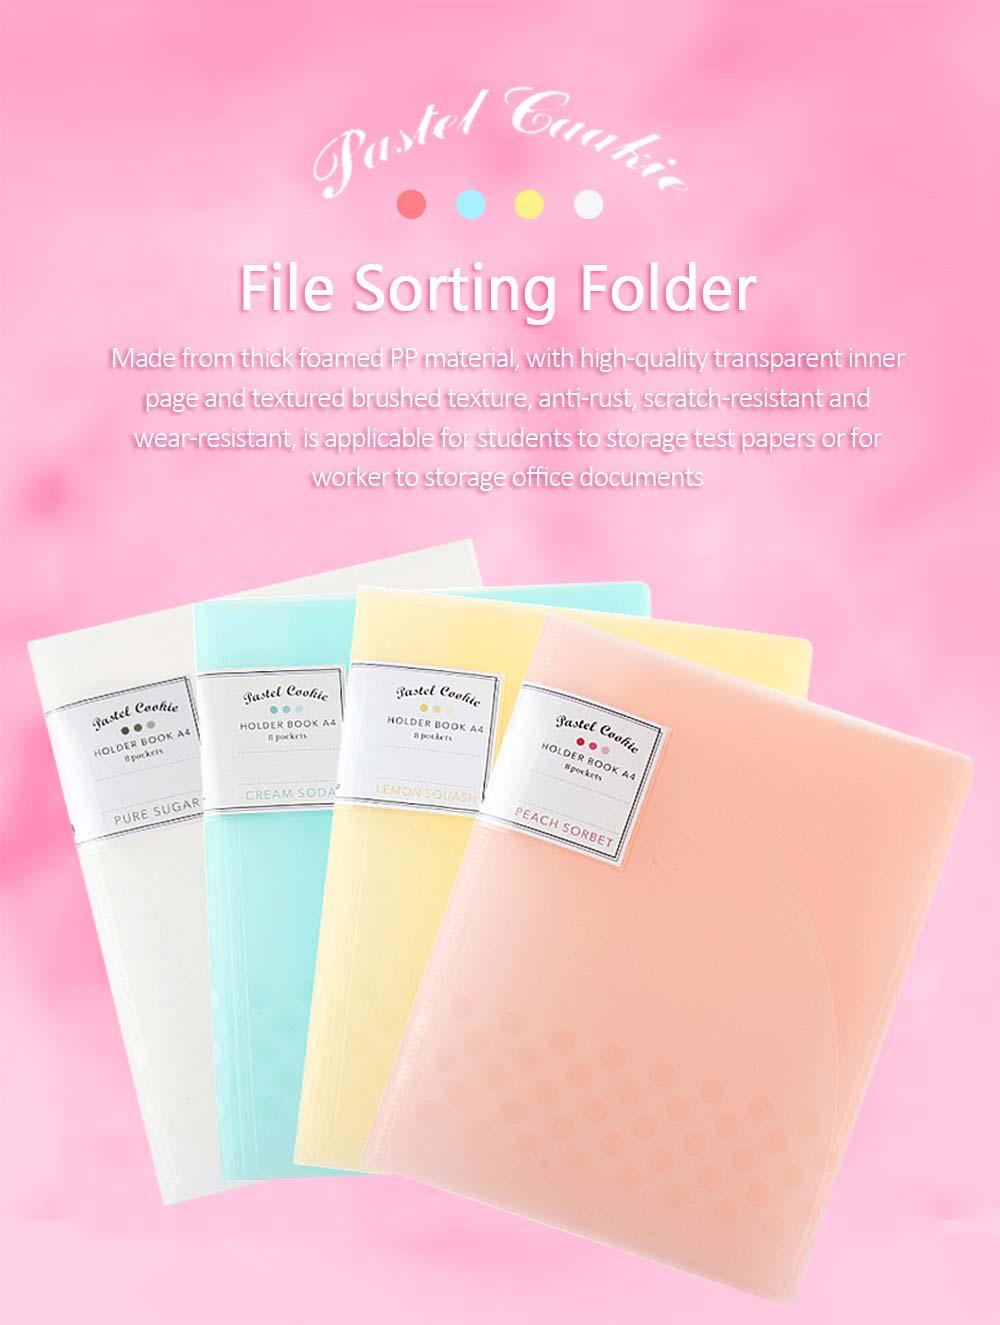 File Sorting Folder, Light Color Cookie A4 File Folder 0